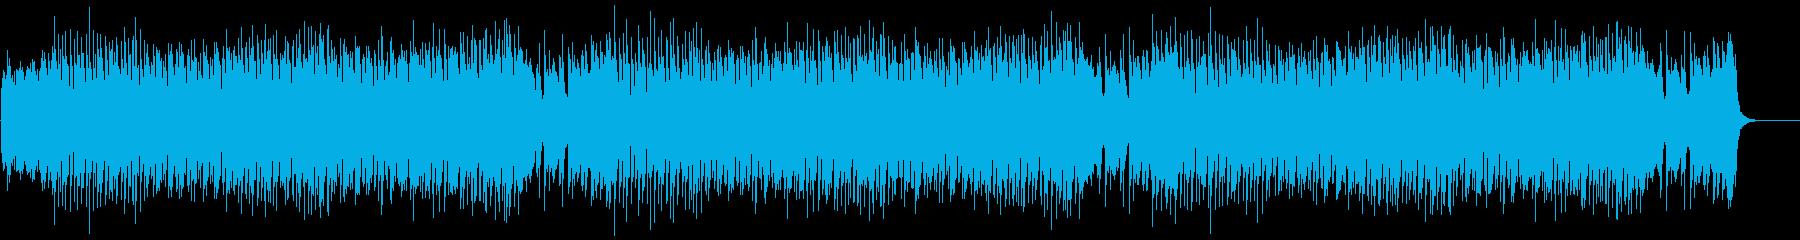 ボーナスステージの再生済みの波形